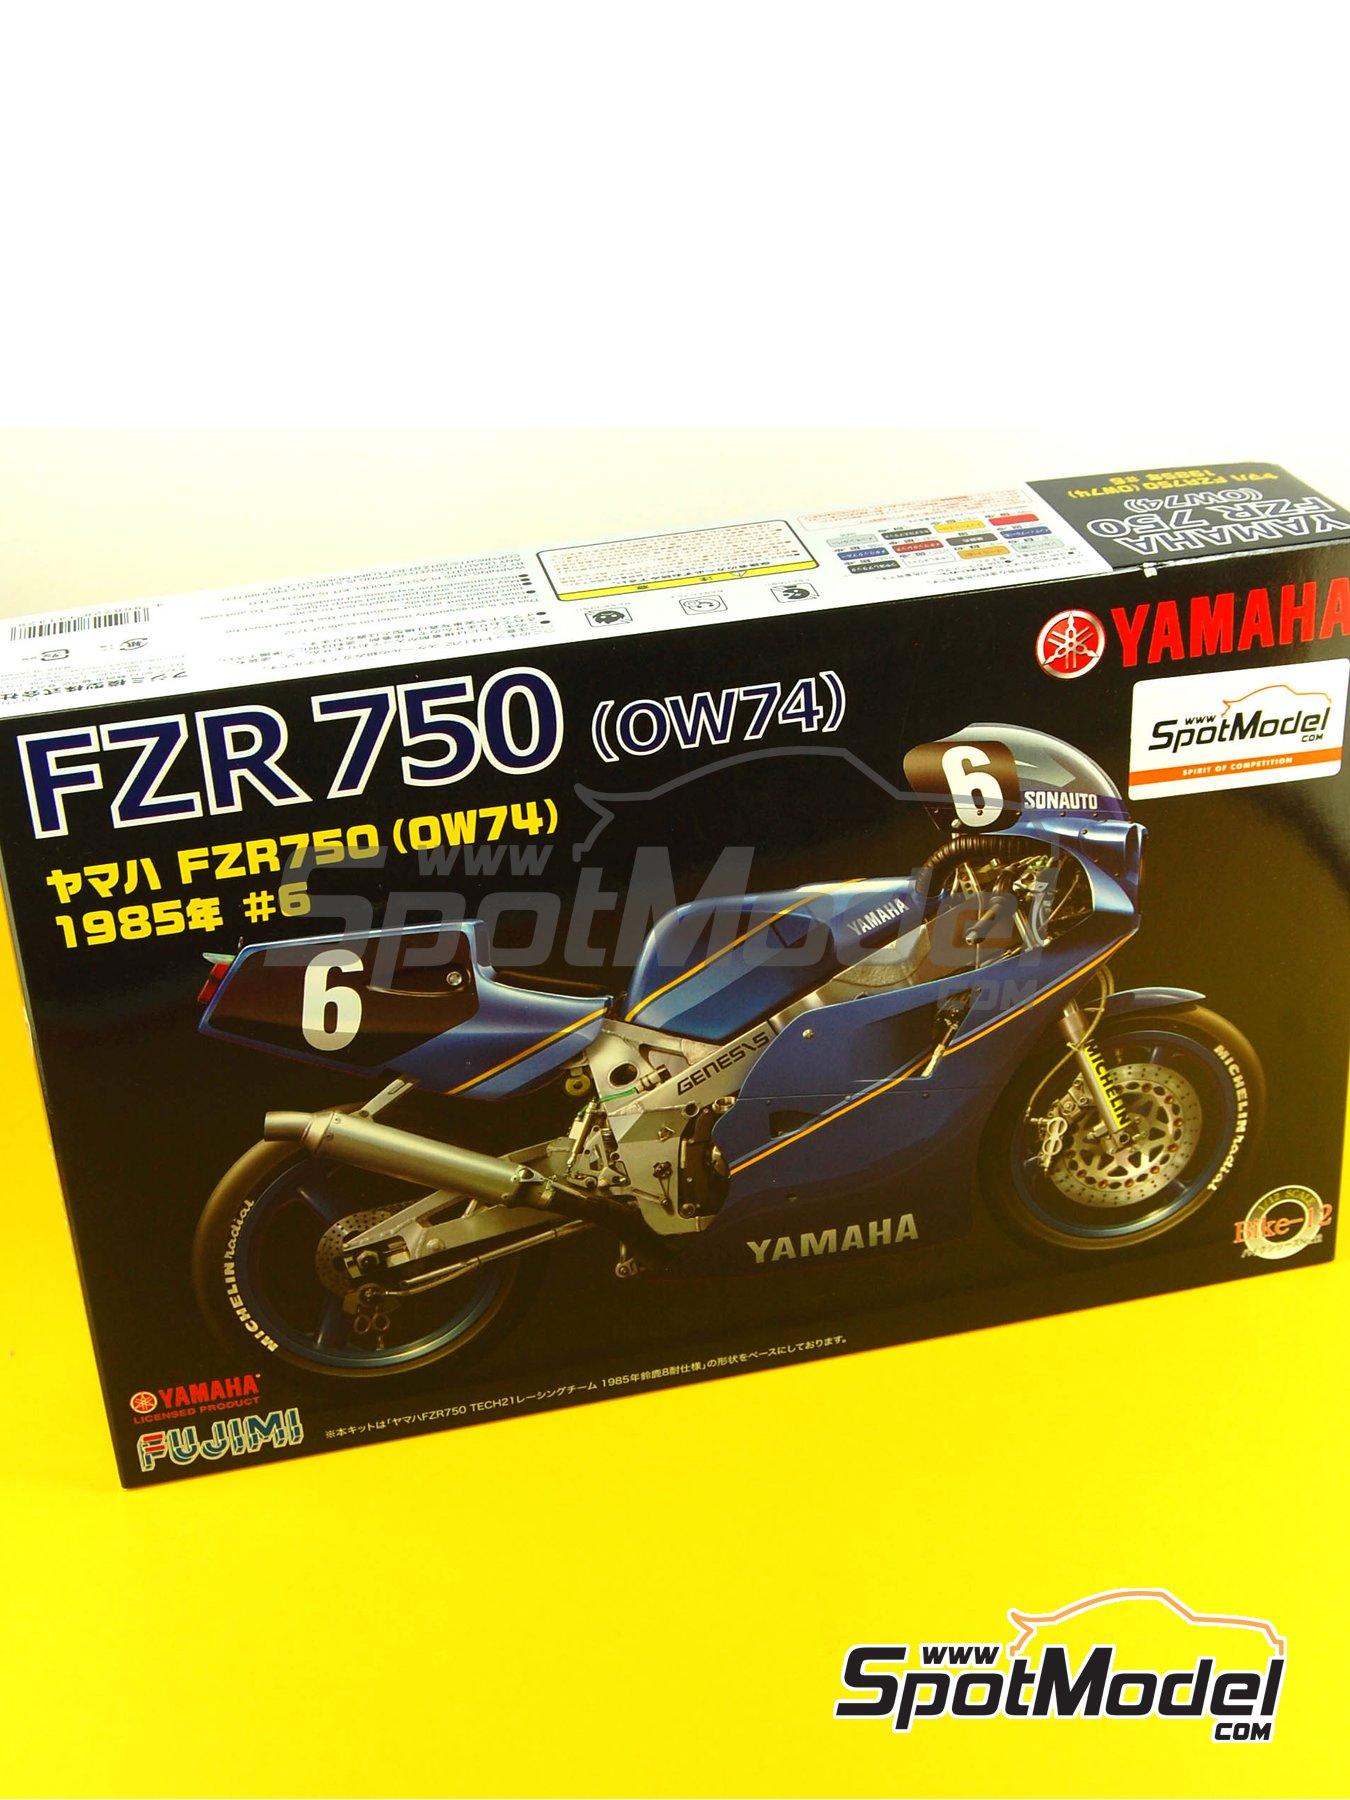 Yamaha FZR750 OW74 Sonauto -  1985   Maqueta de moto en escala1/12 fabricado por Fujimi (ref.FJ141428, tambien 141428 y 14142) image